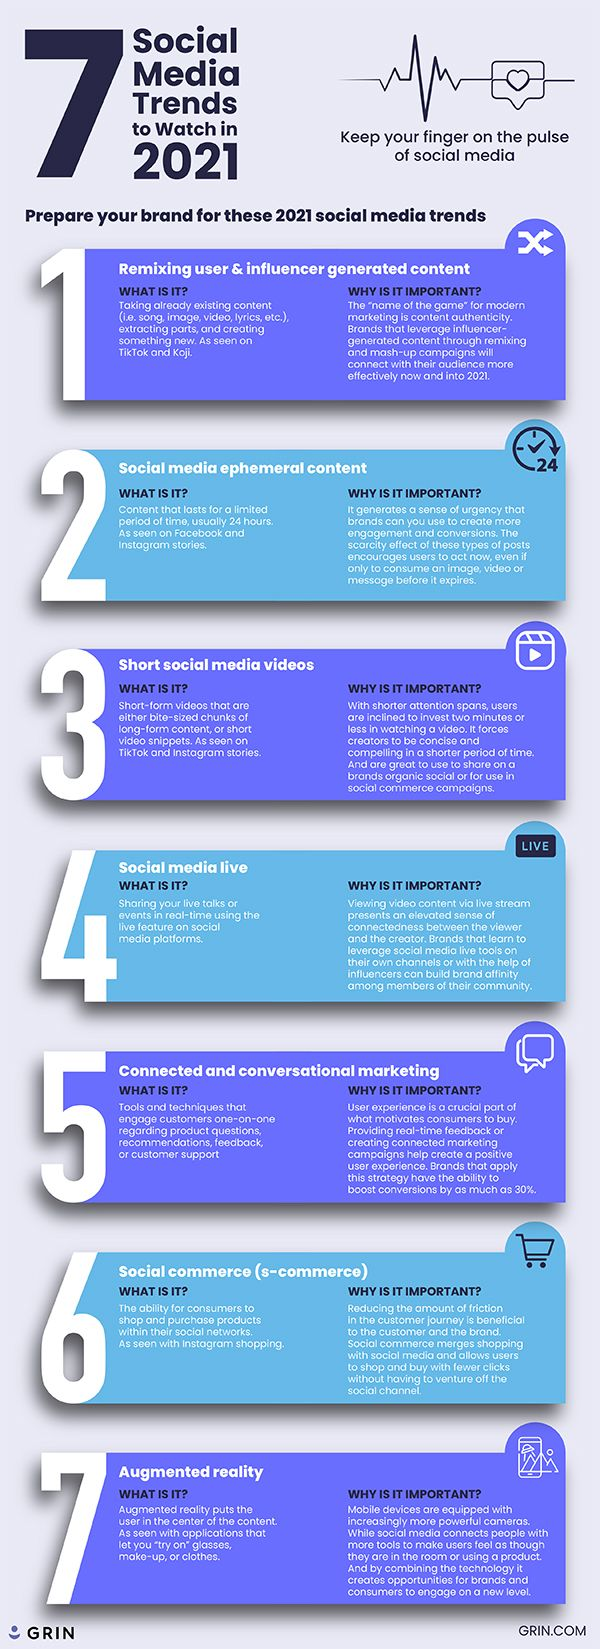 7 Social Media Trends To Watch In 2021 Social Media Marketing Trends Social Media Marketing Content Social Media Content Planner